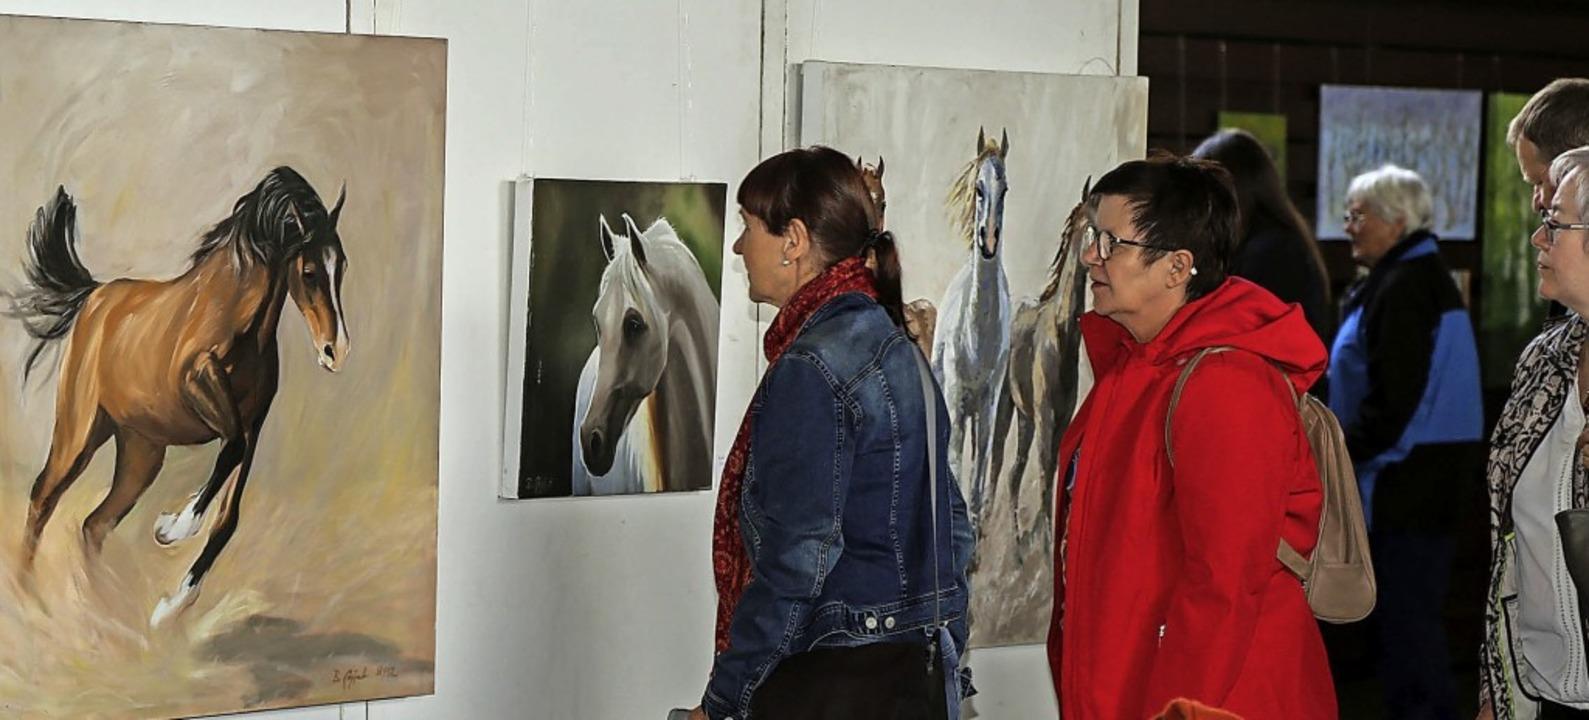 Am Sonntag machten sich erste Besucher...und Besucher ein Bild von den Werken.   | Foto: Sandra Decoux-Kone